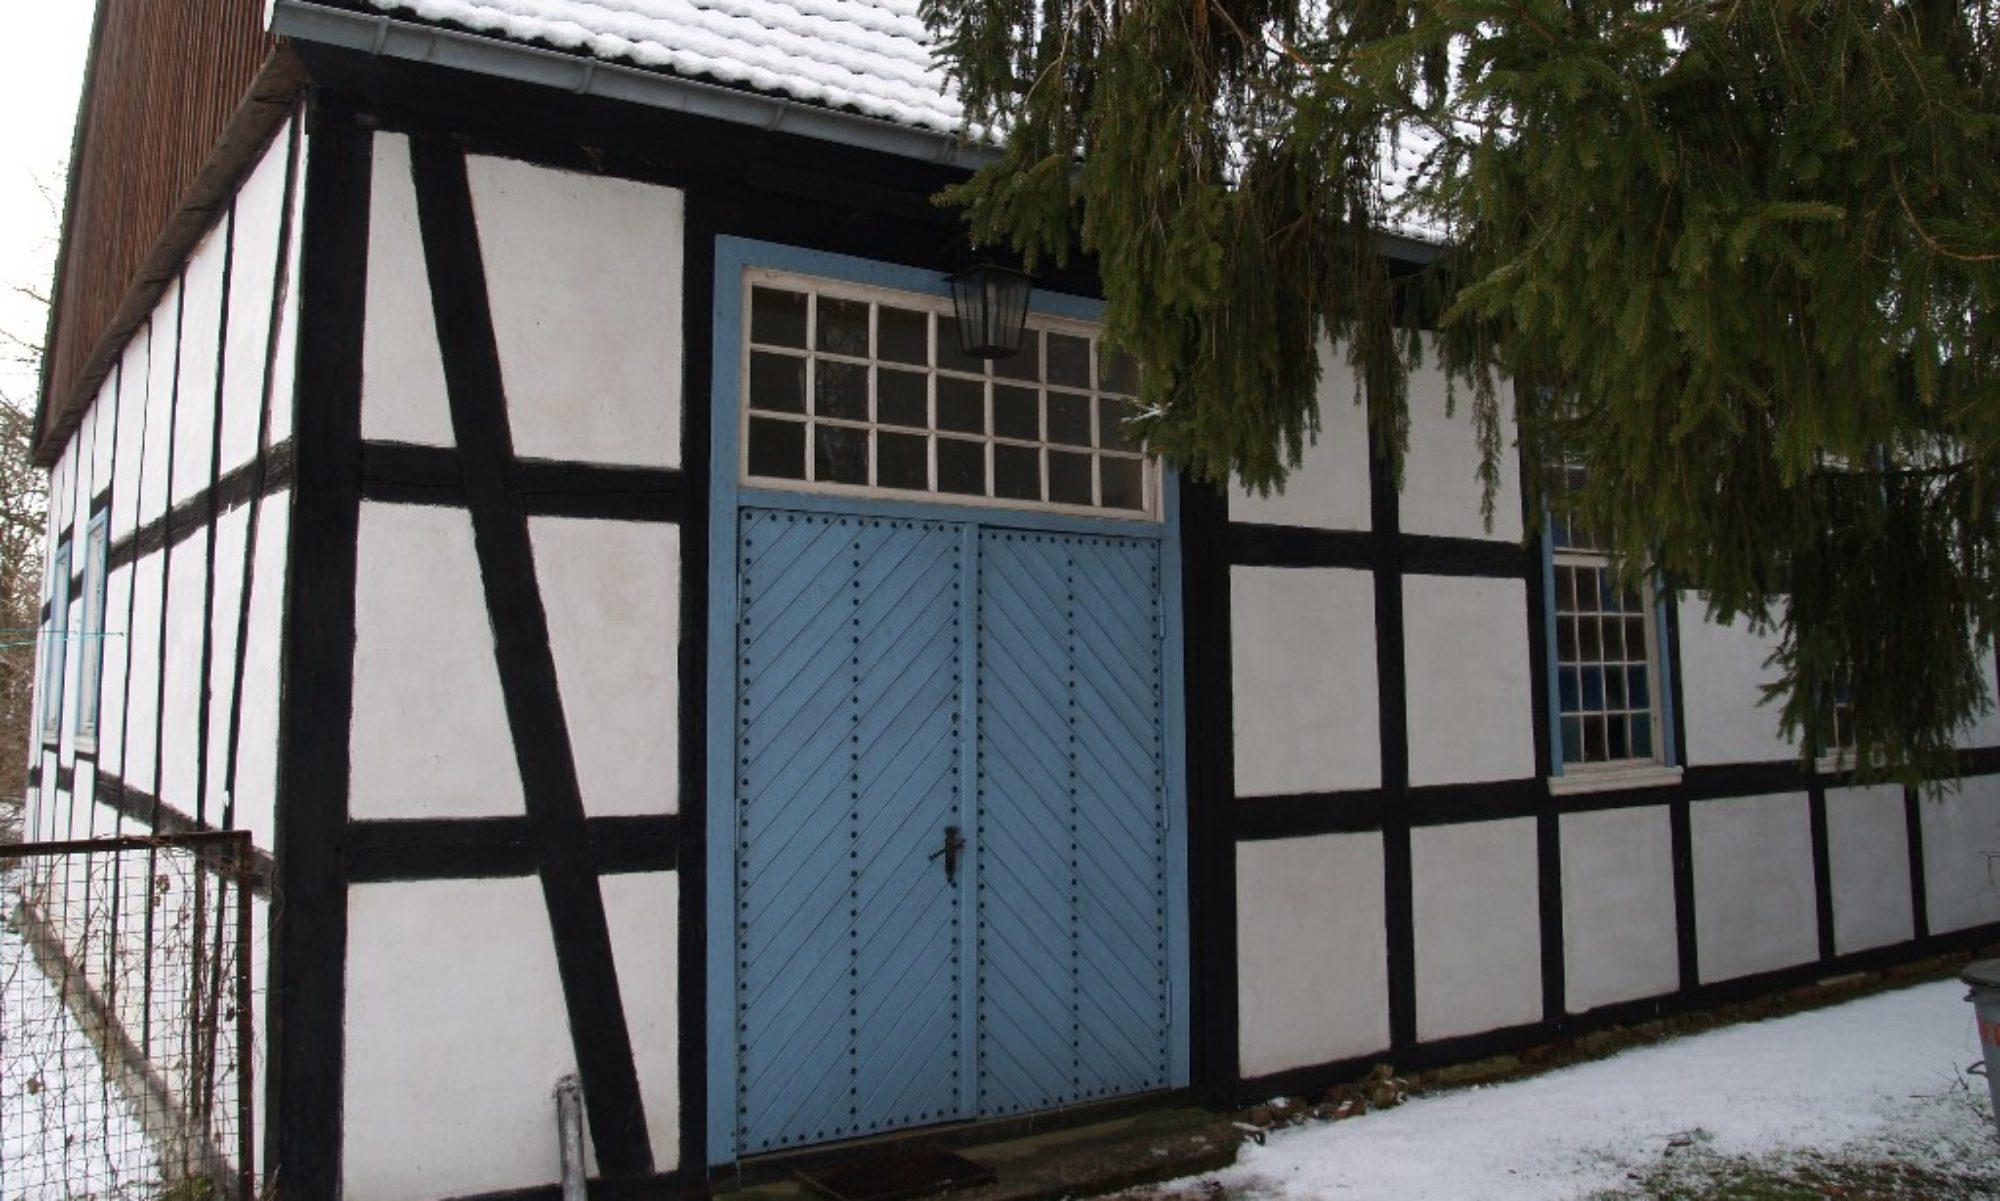 scheunenkirche.de